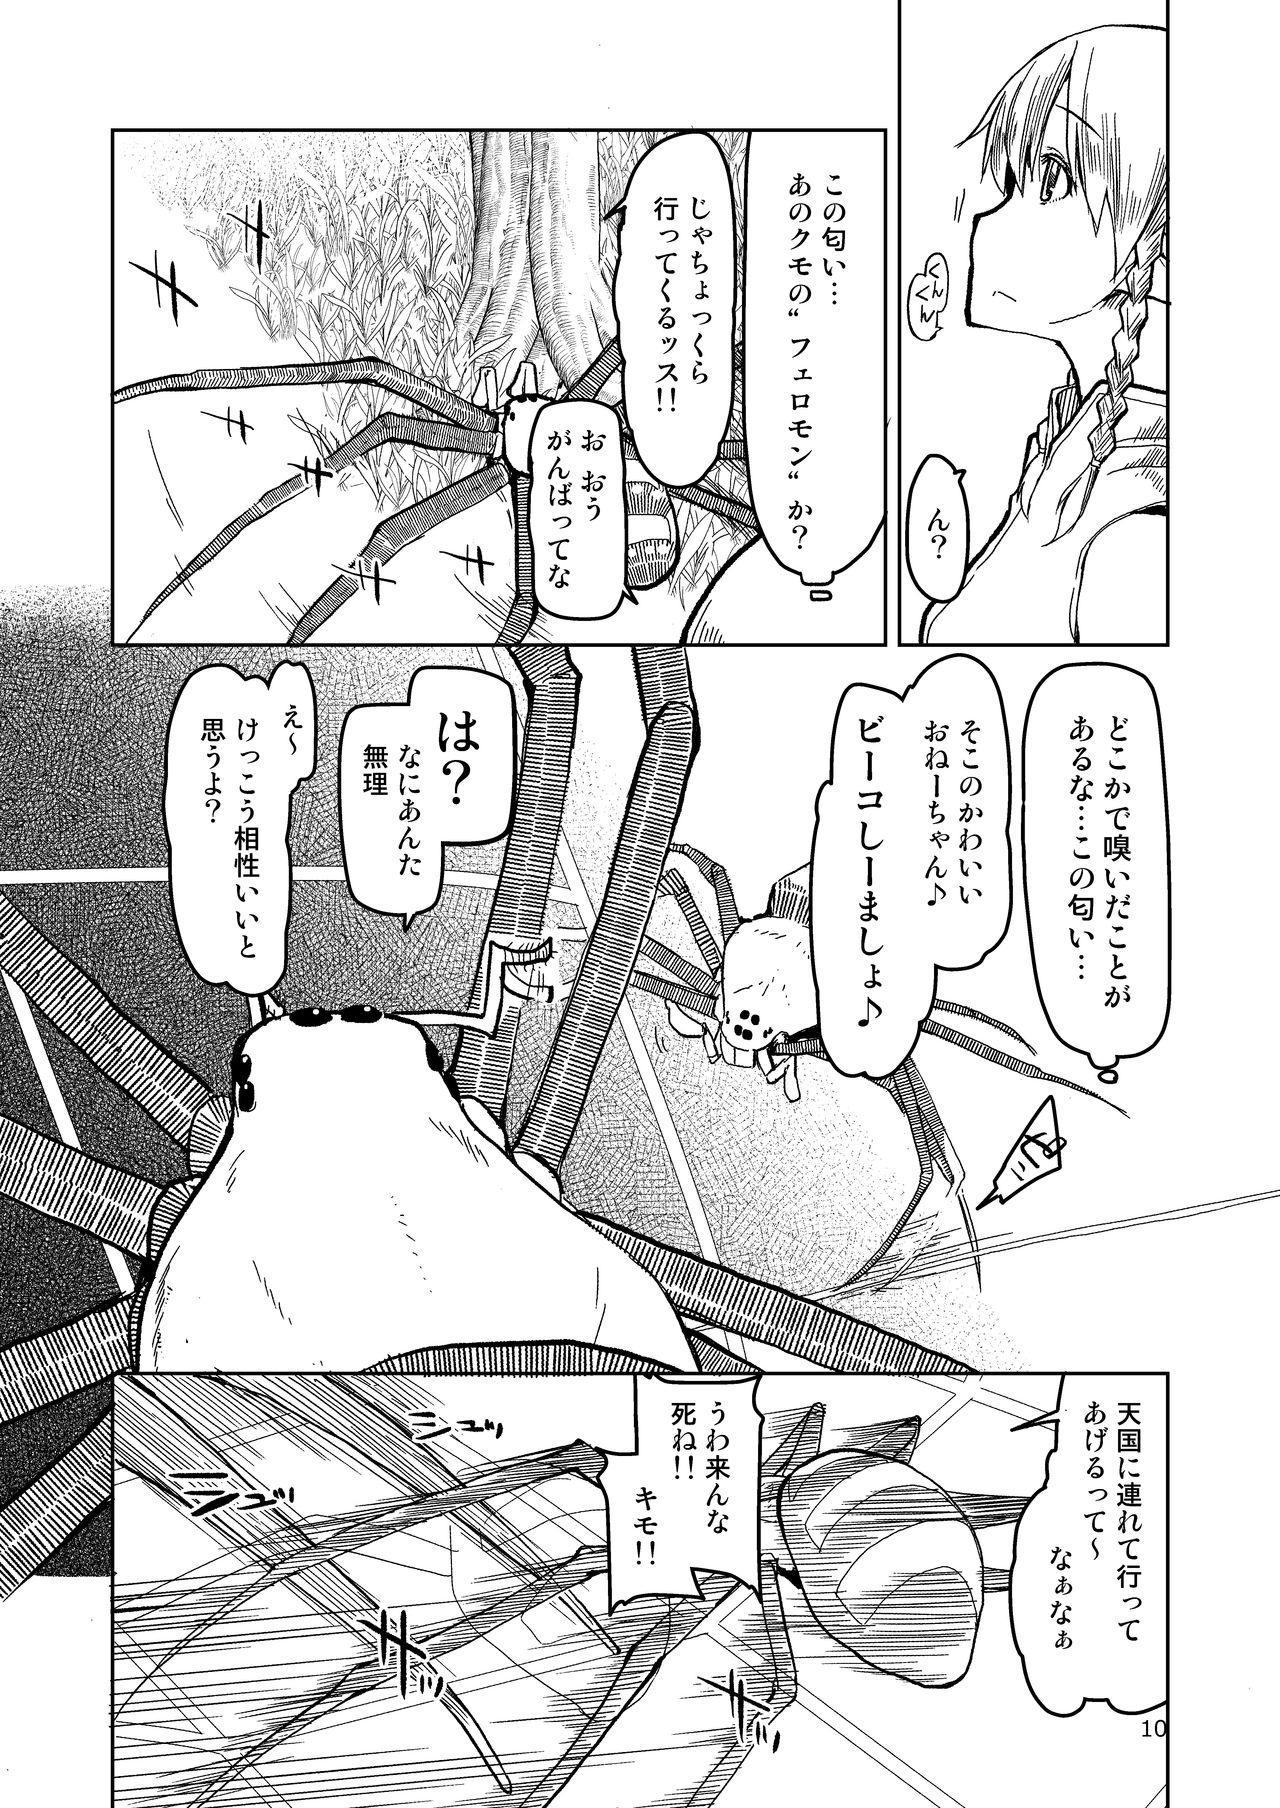 Dosukebe Elf no Ishukan Nikki Matome 2 10